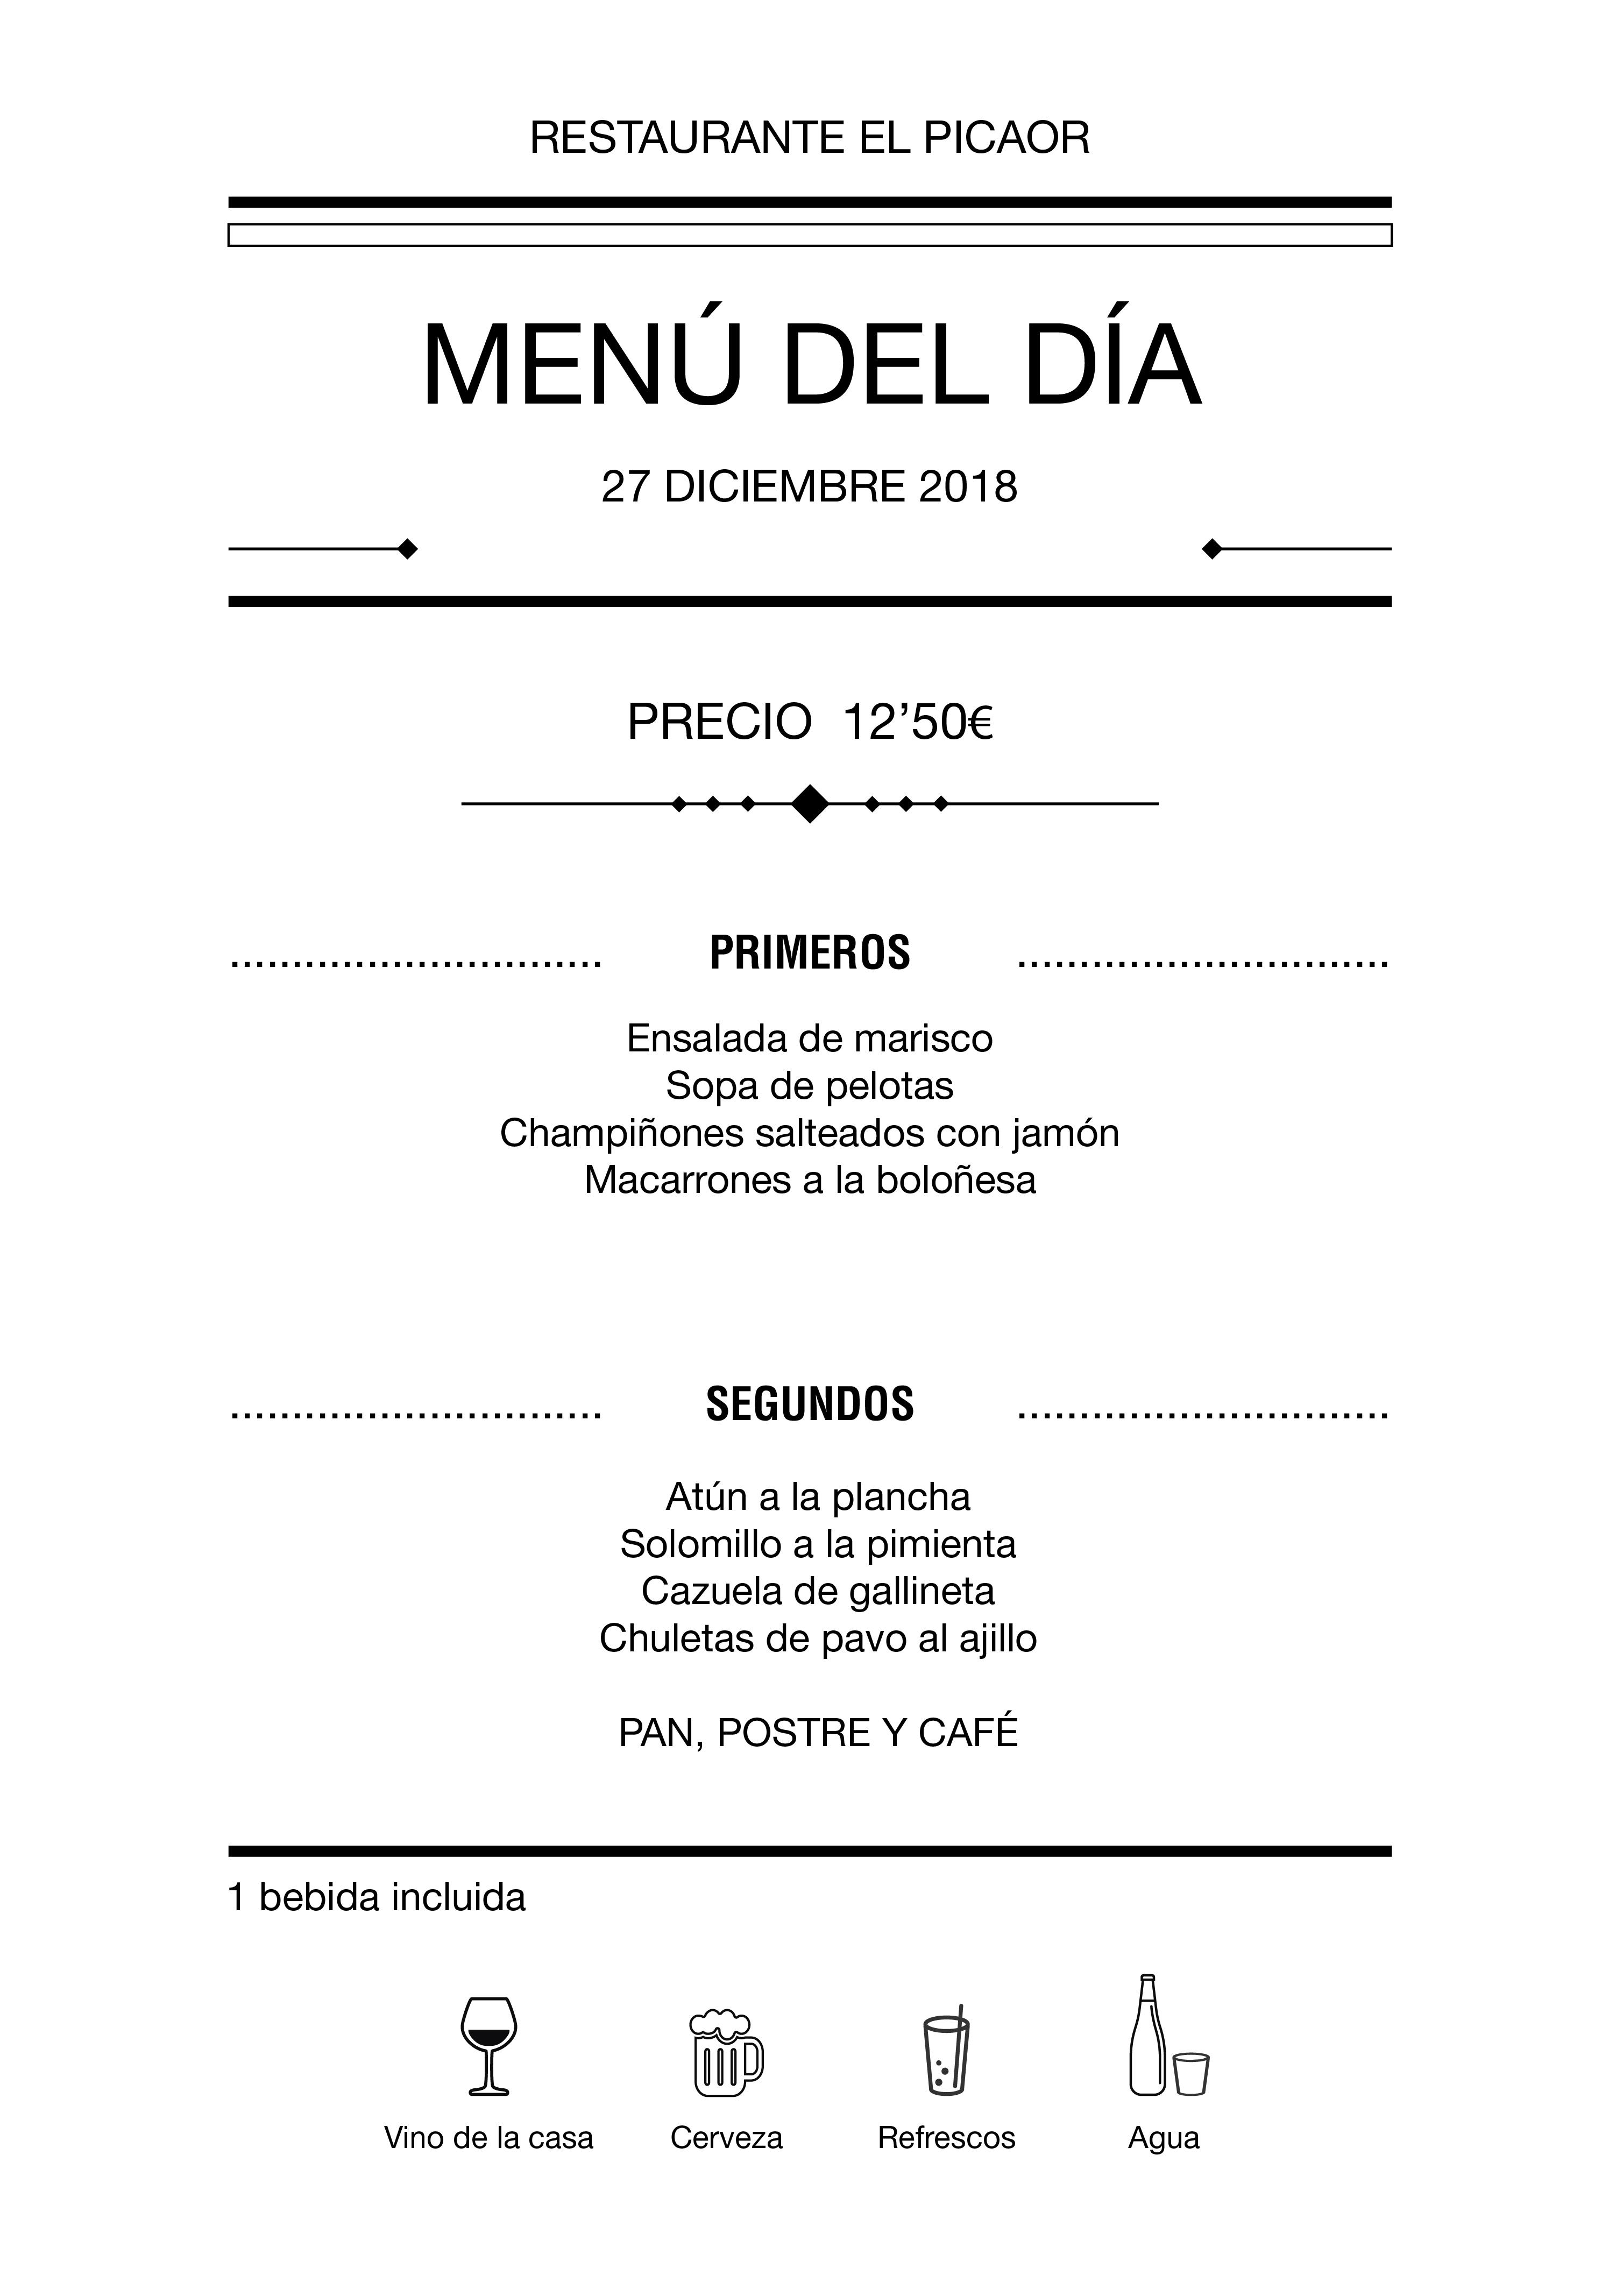 Menú diario El Picaor 27/12/18